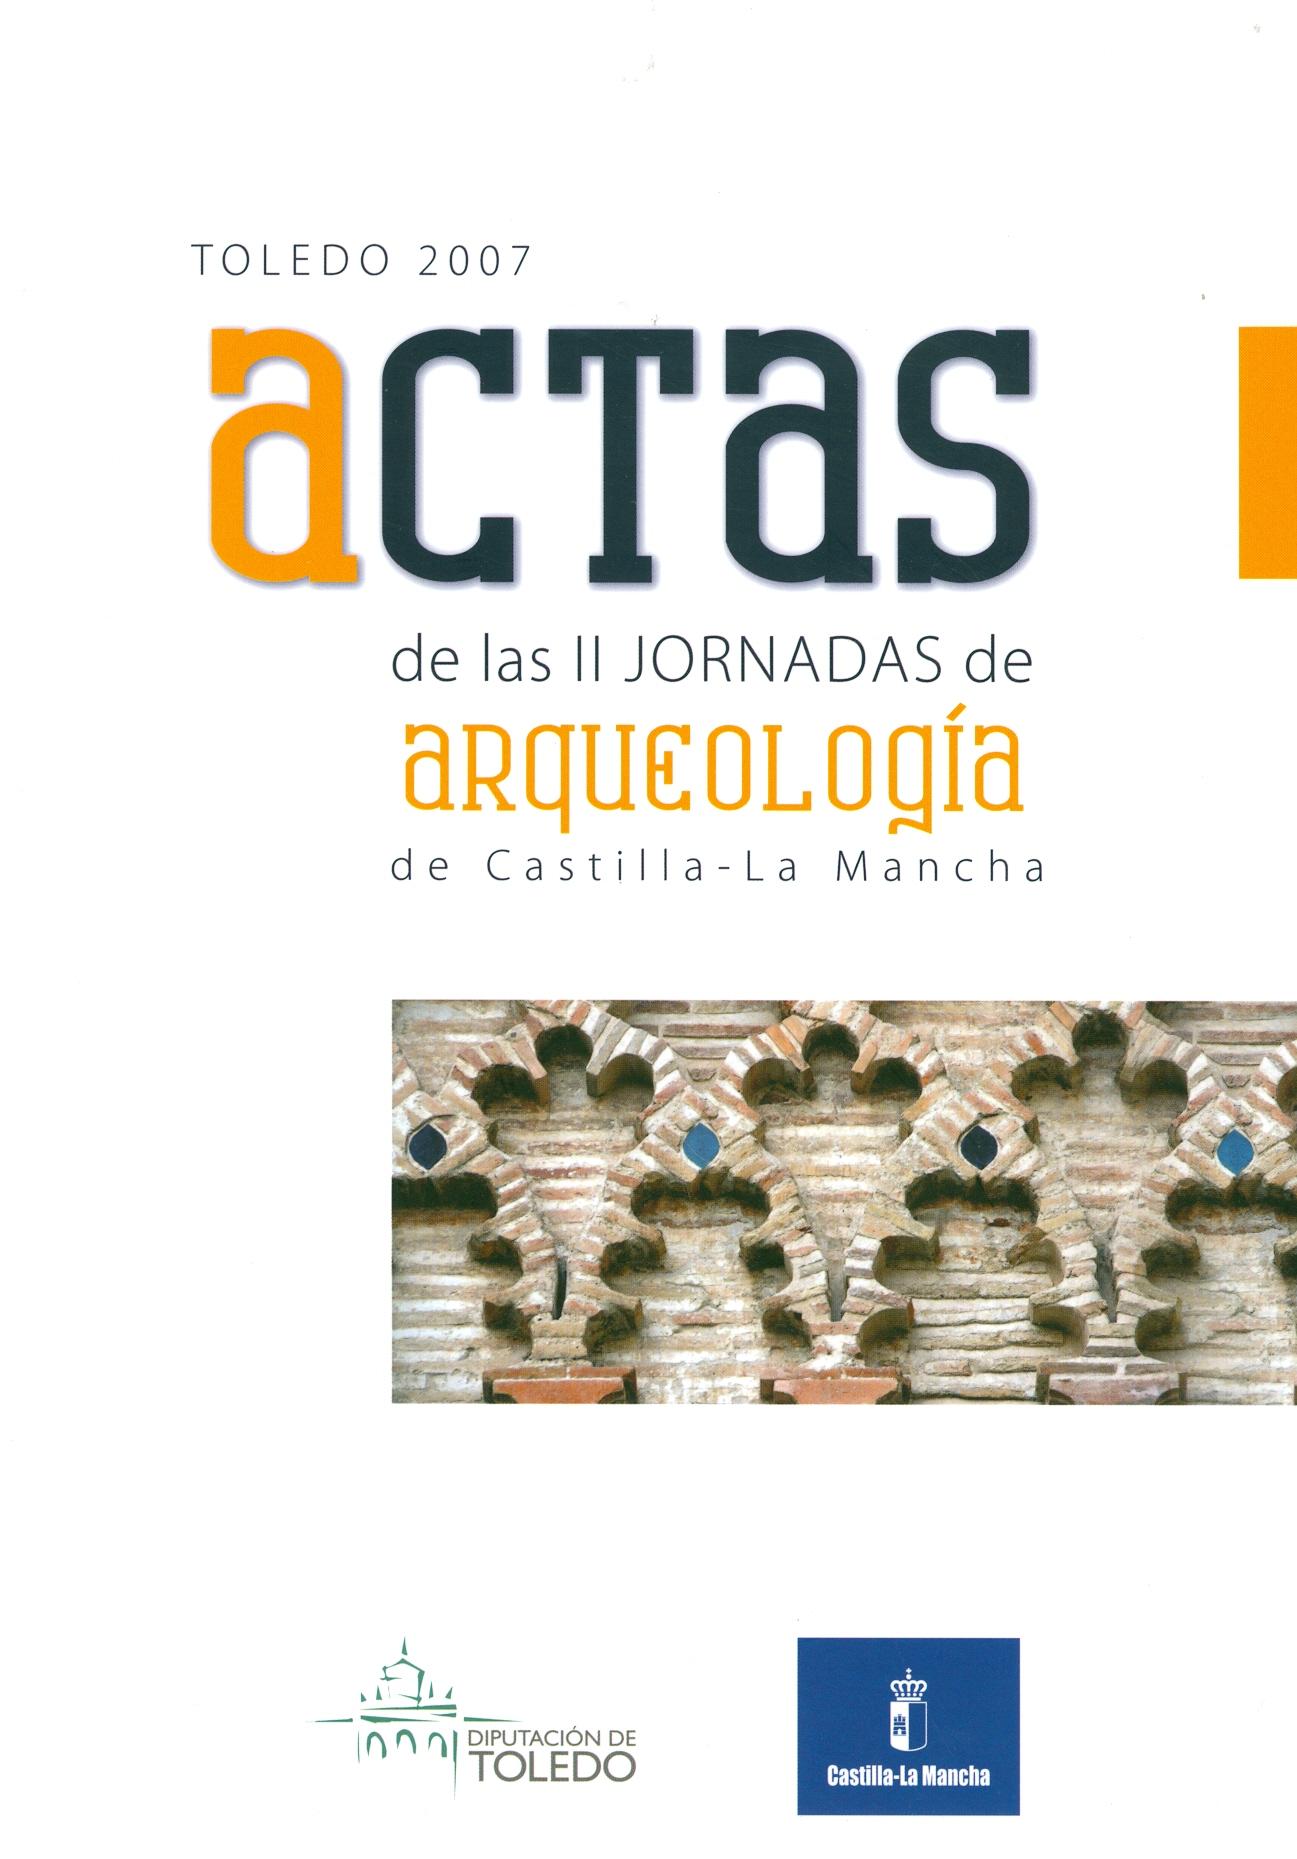 Actas de las II jornadas de arqueología de Castilla la Mancha. Volumen II